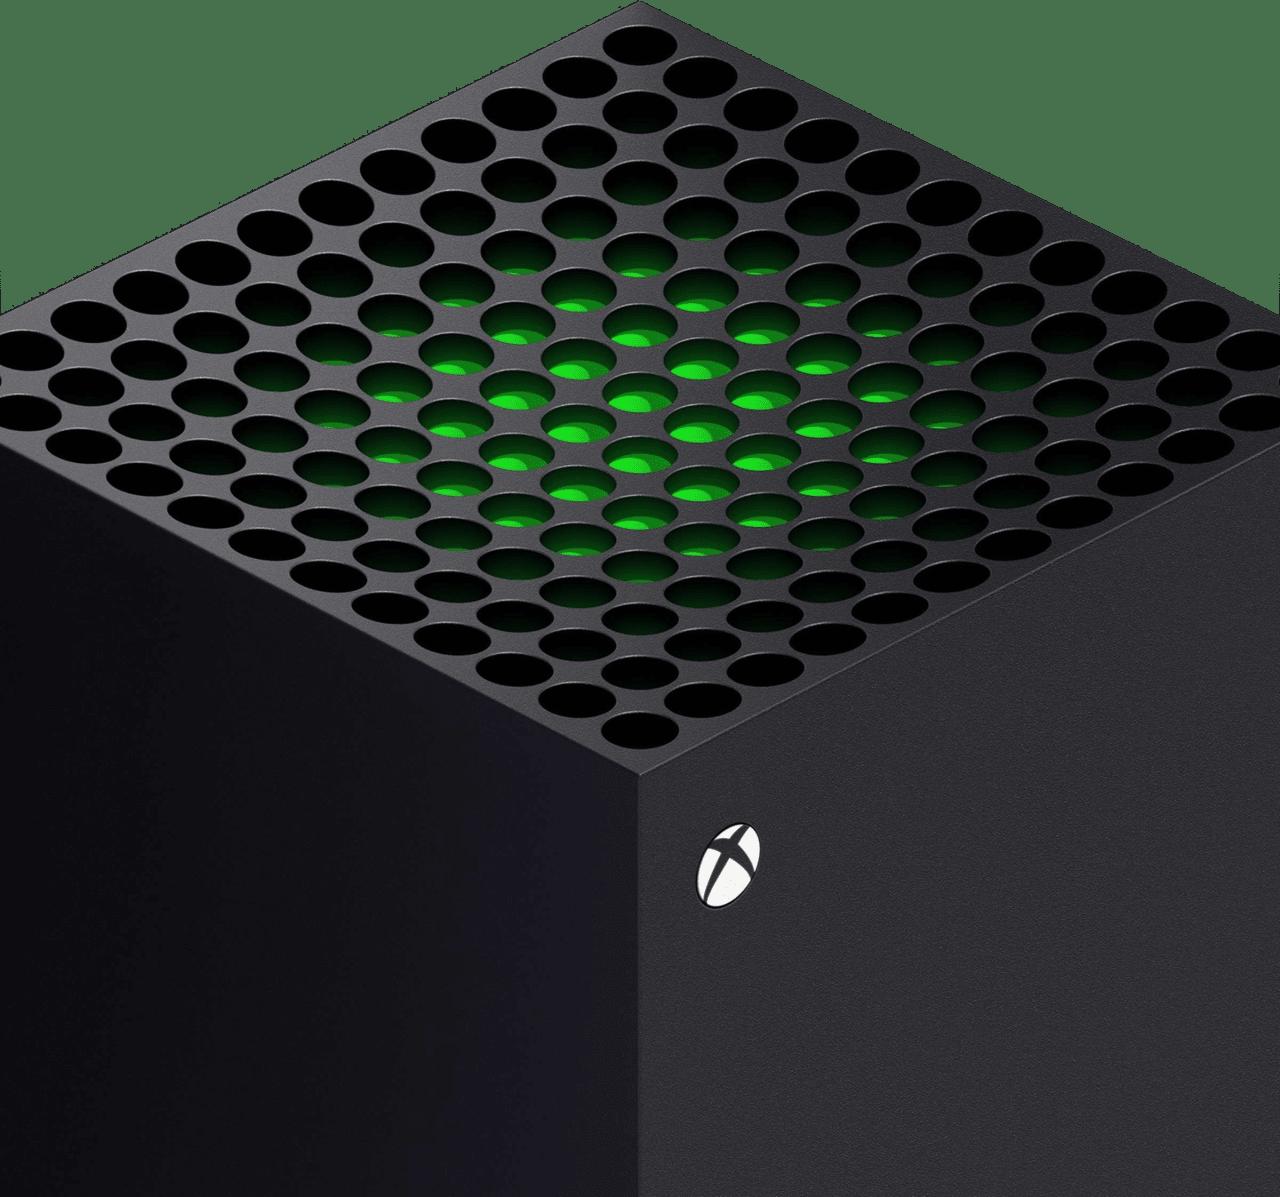 Schwarz Microsoft Xbox Series X.3